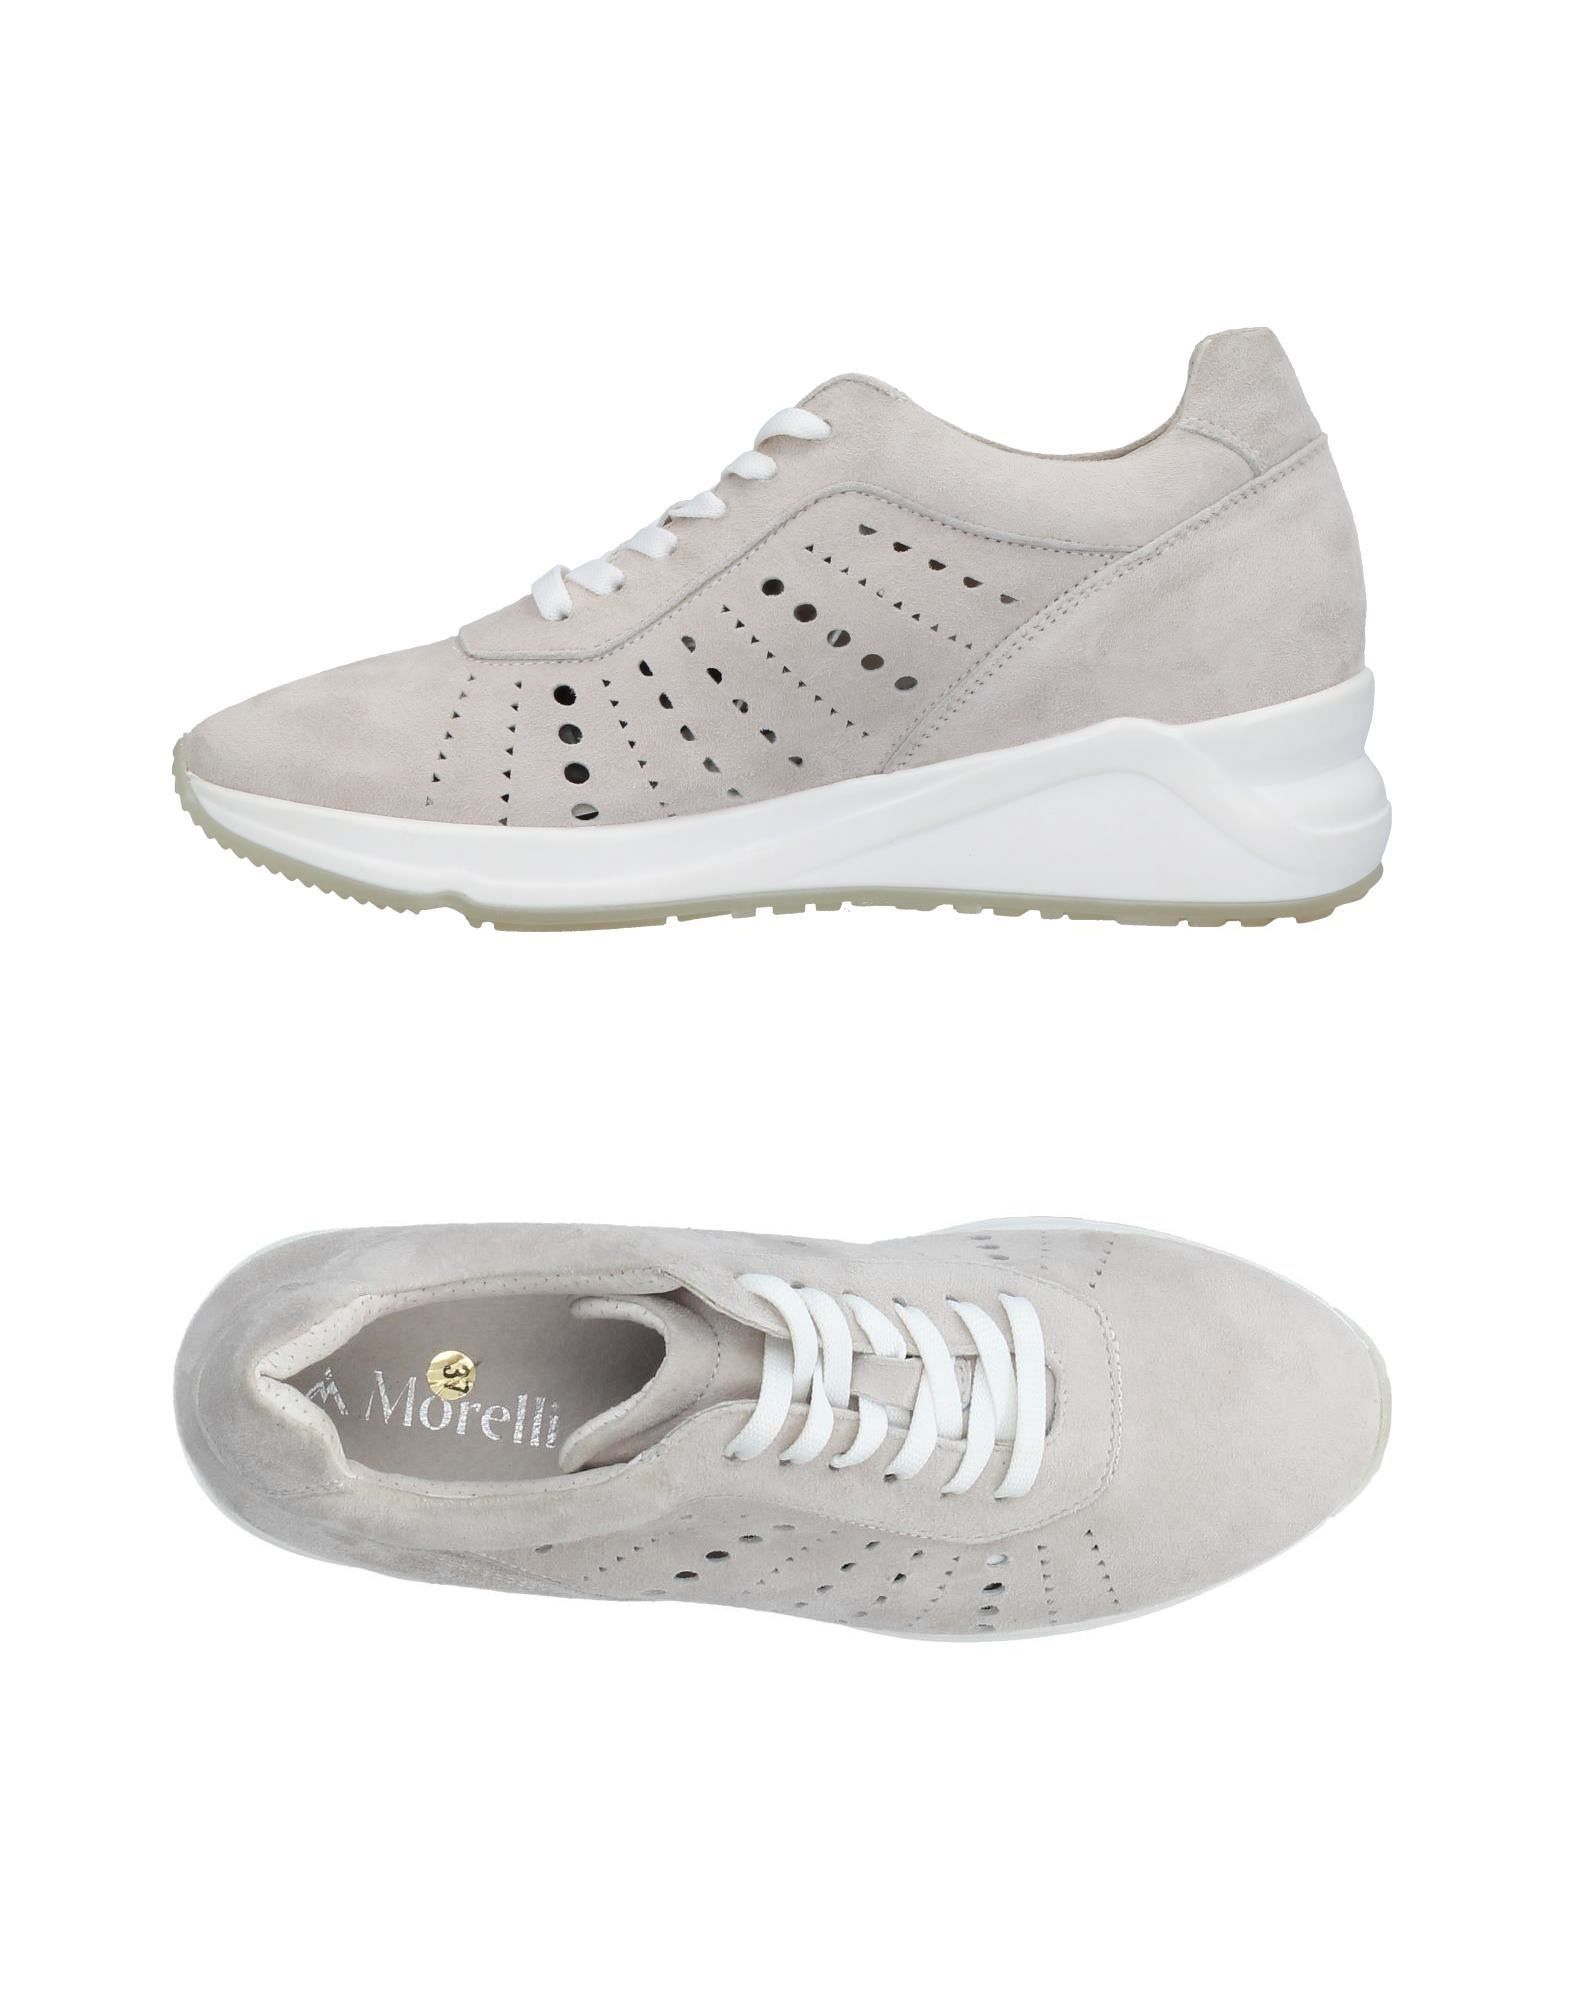 Sneakers Andrea Morelli Donna - 11387917JQ